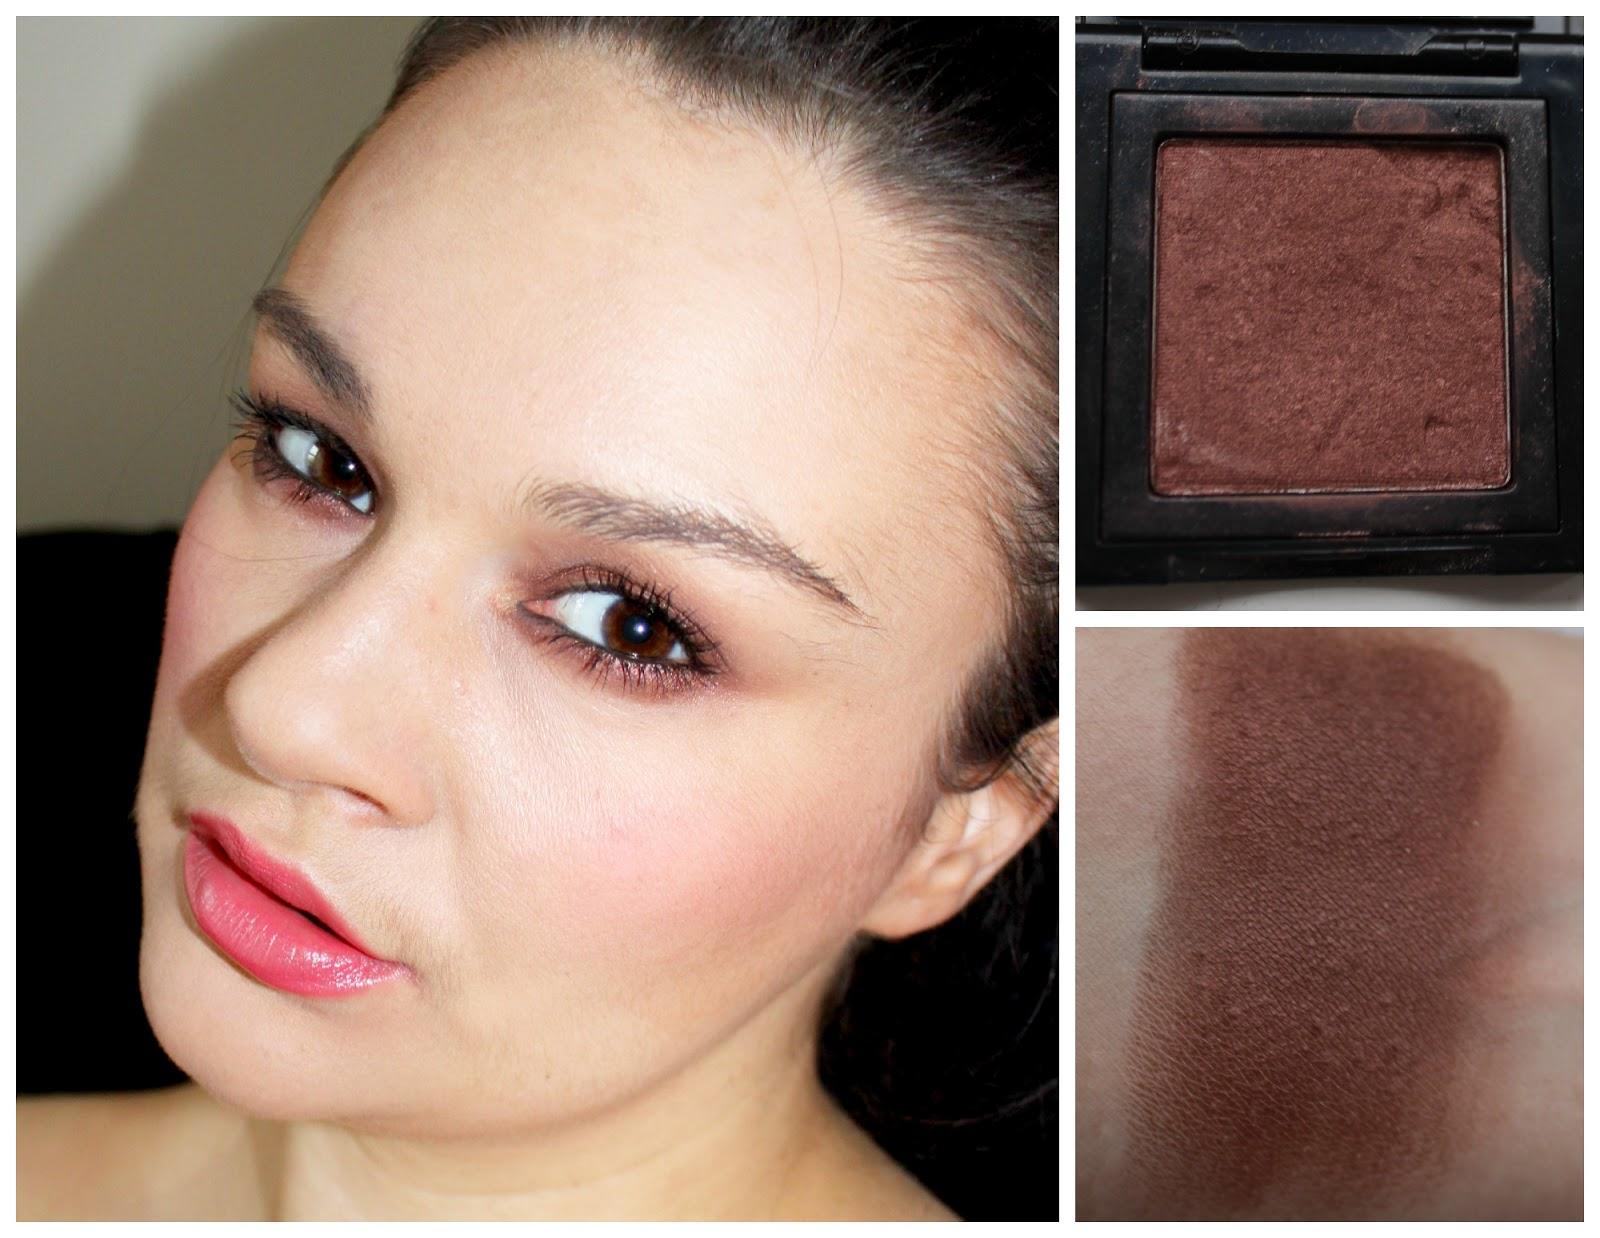 Bobbi+Brown+Metallic+Eyeshadow+in+Cognac What Color Eyeshadow For Green Eyes